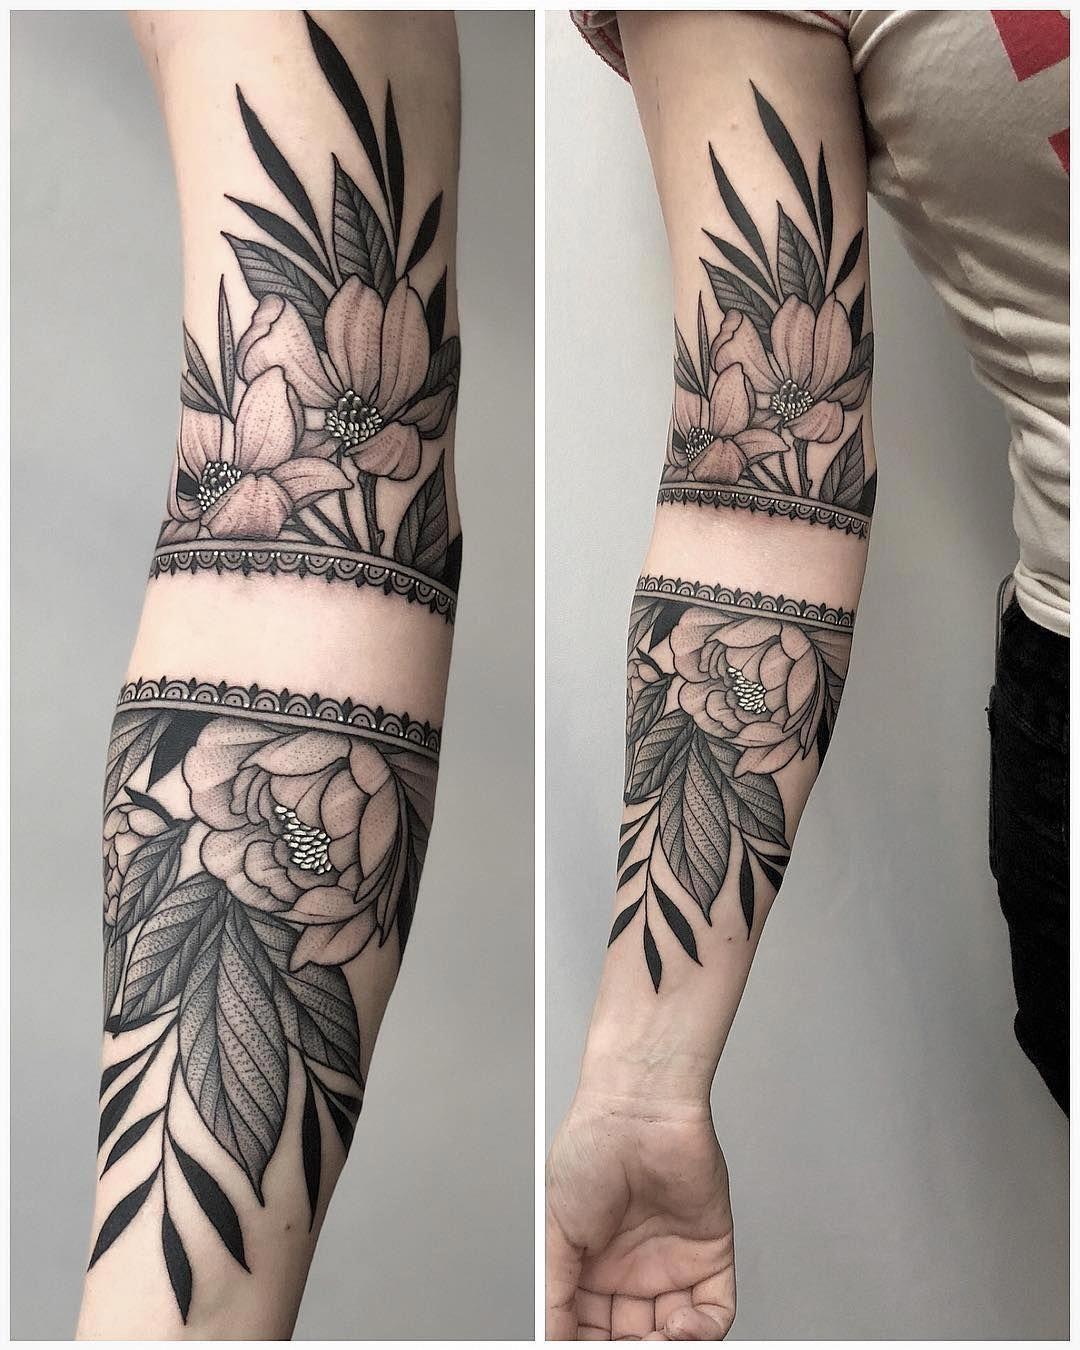 Linework Tattoo Sleeve Sleevetattoos Tattoos Half Sleeve Tattoos Designs Sleeve Tattoos